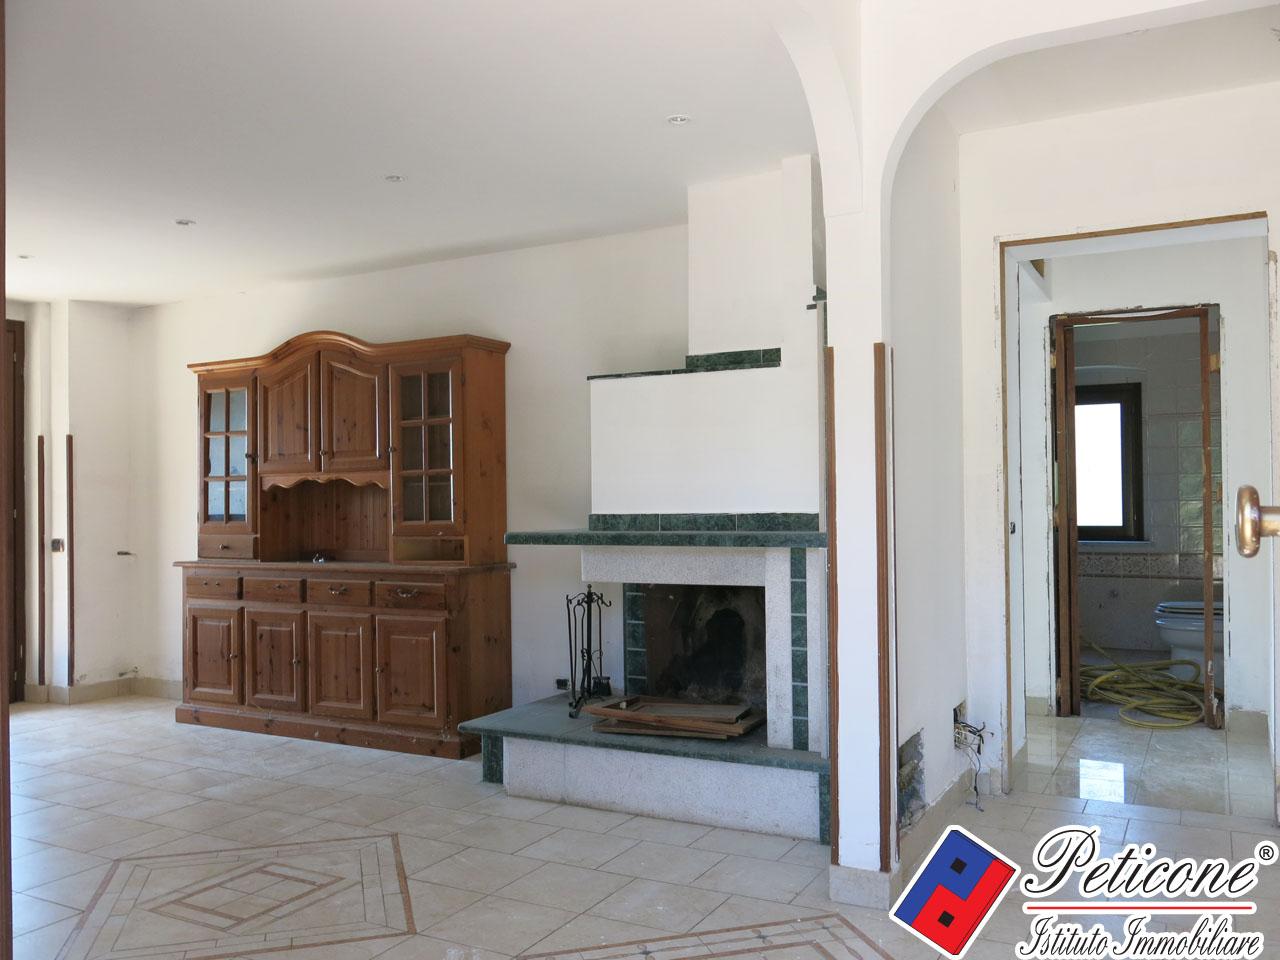 Villa in Vendita a Formia: 4 locali, 90 mq - Foto 6